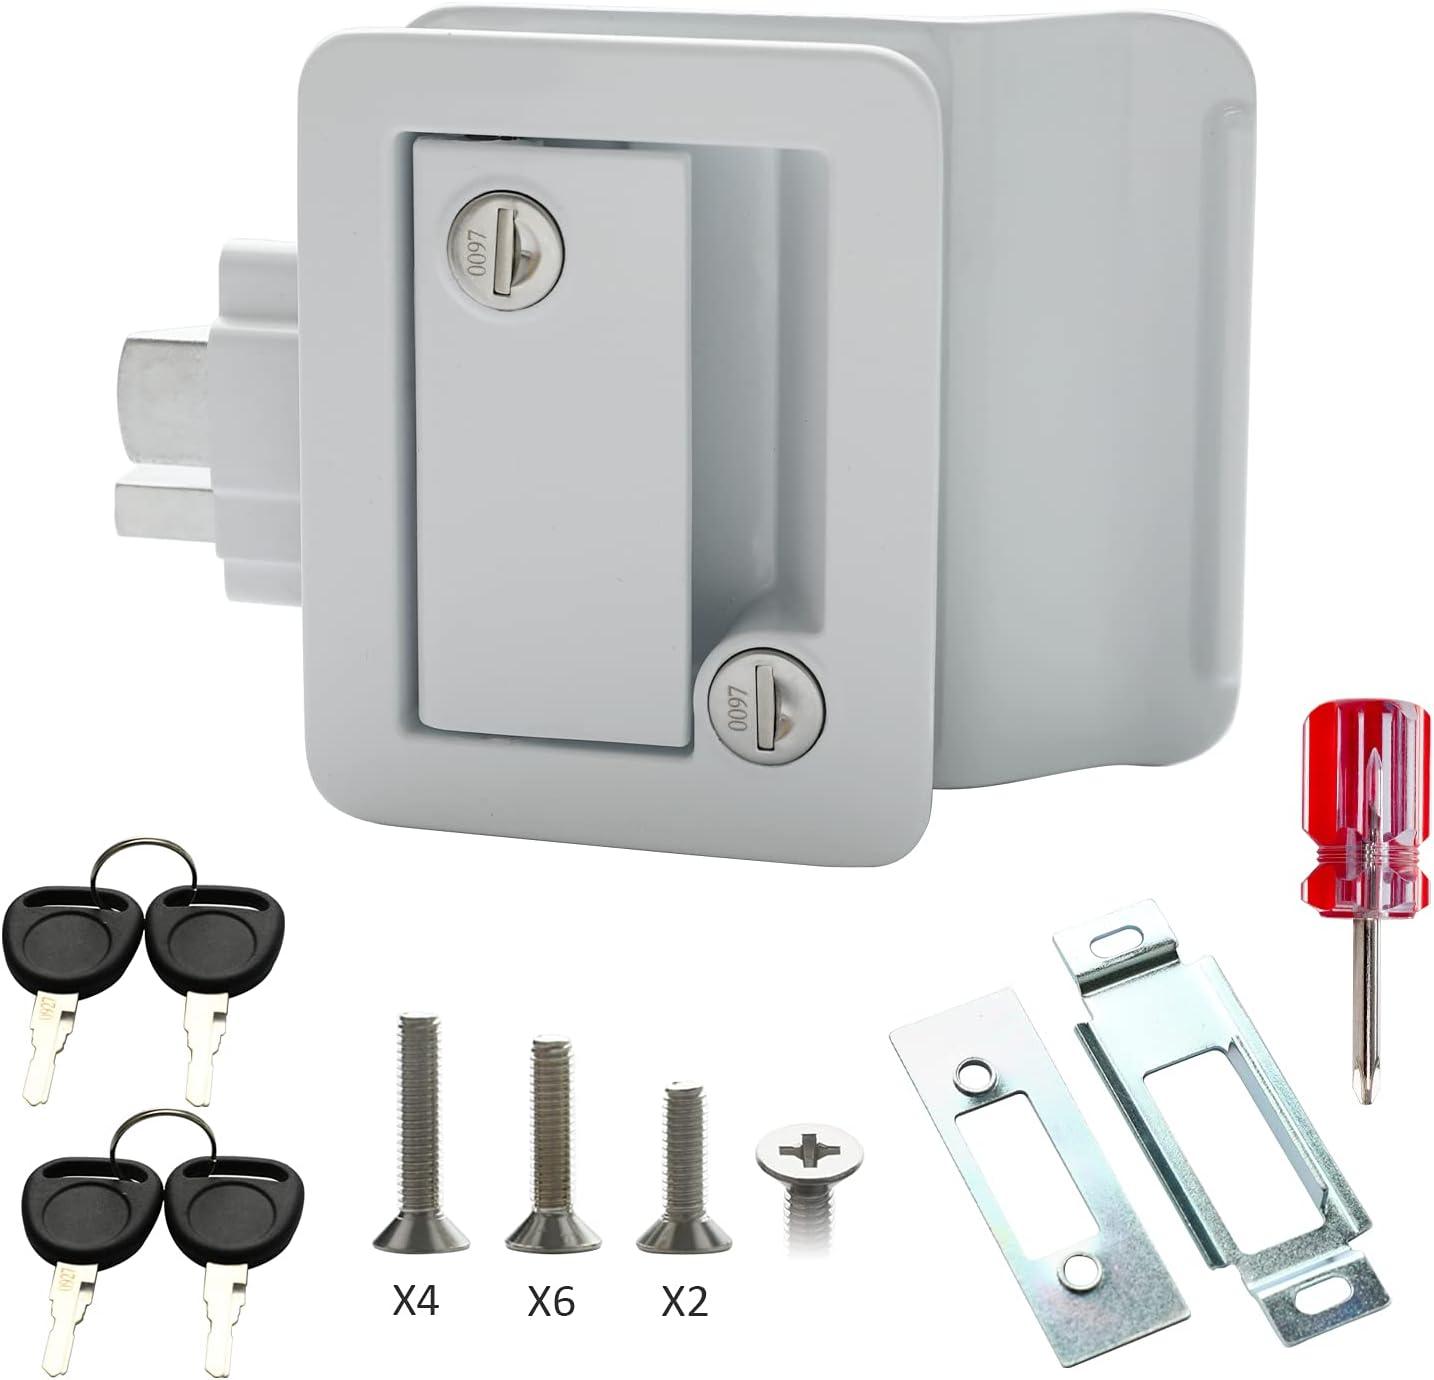 OFFicial shop Rv Trailer Camper Entry Max 51% OFF Door Lock Handle Latch Rep